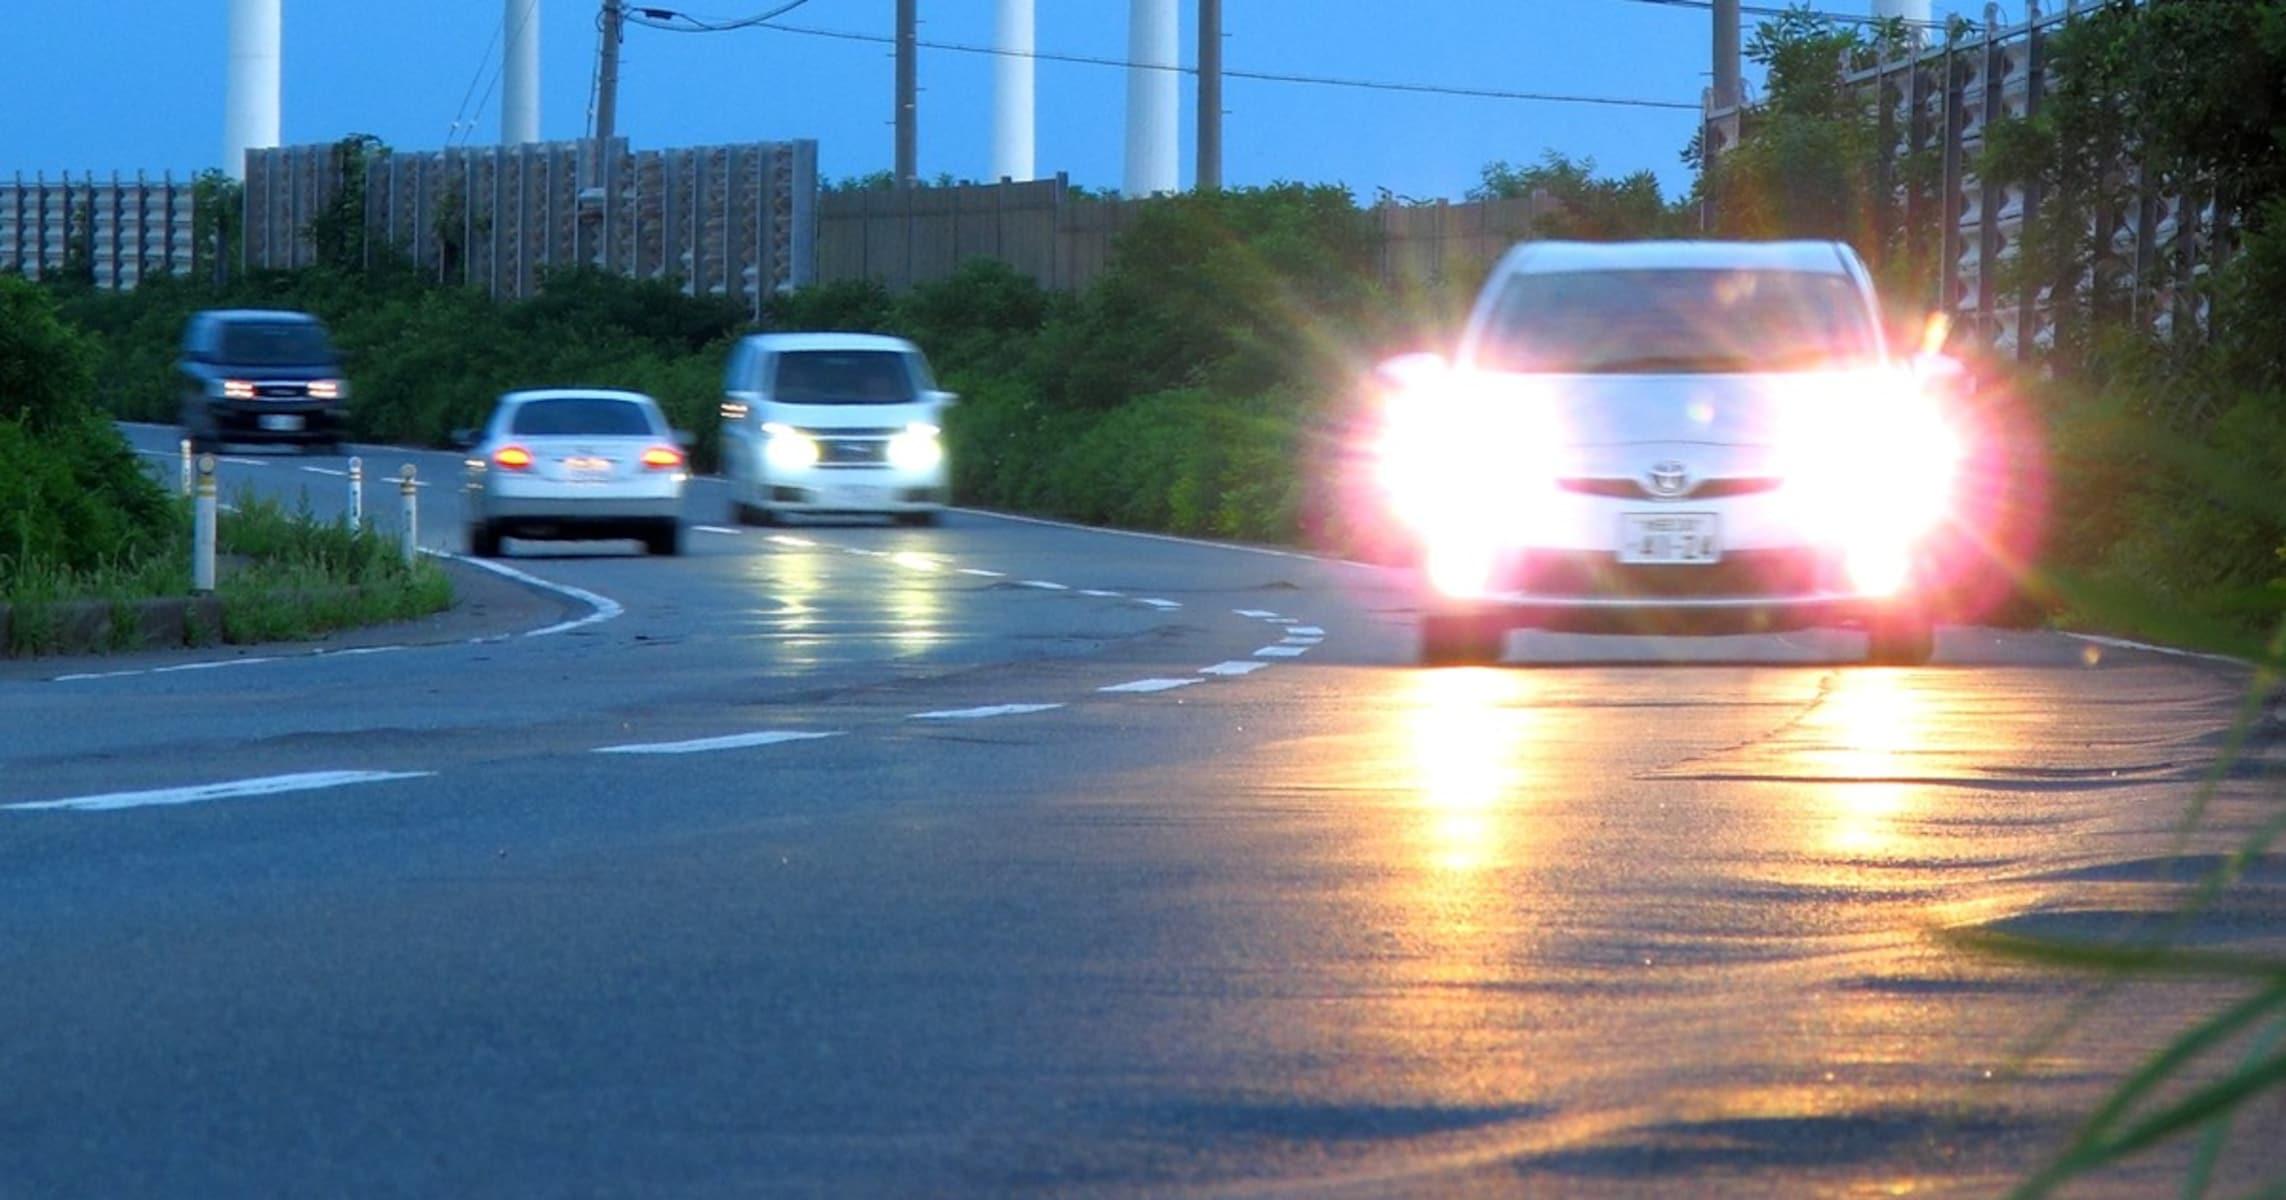 ヘッドライトは基本ハイビーム!? 道交法をタテに「正義」を振りかざす警察の時代錯誤感